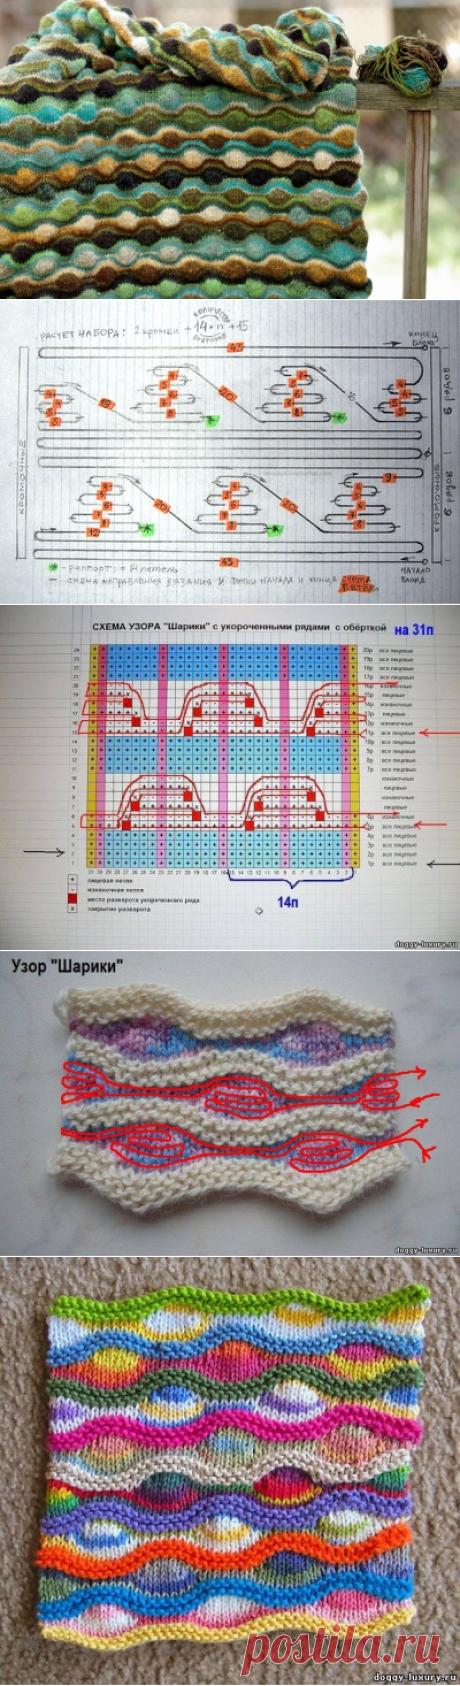 Оригинальное вязание спицами. Пупырышки